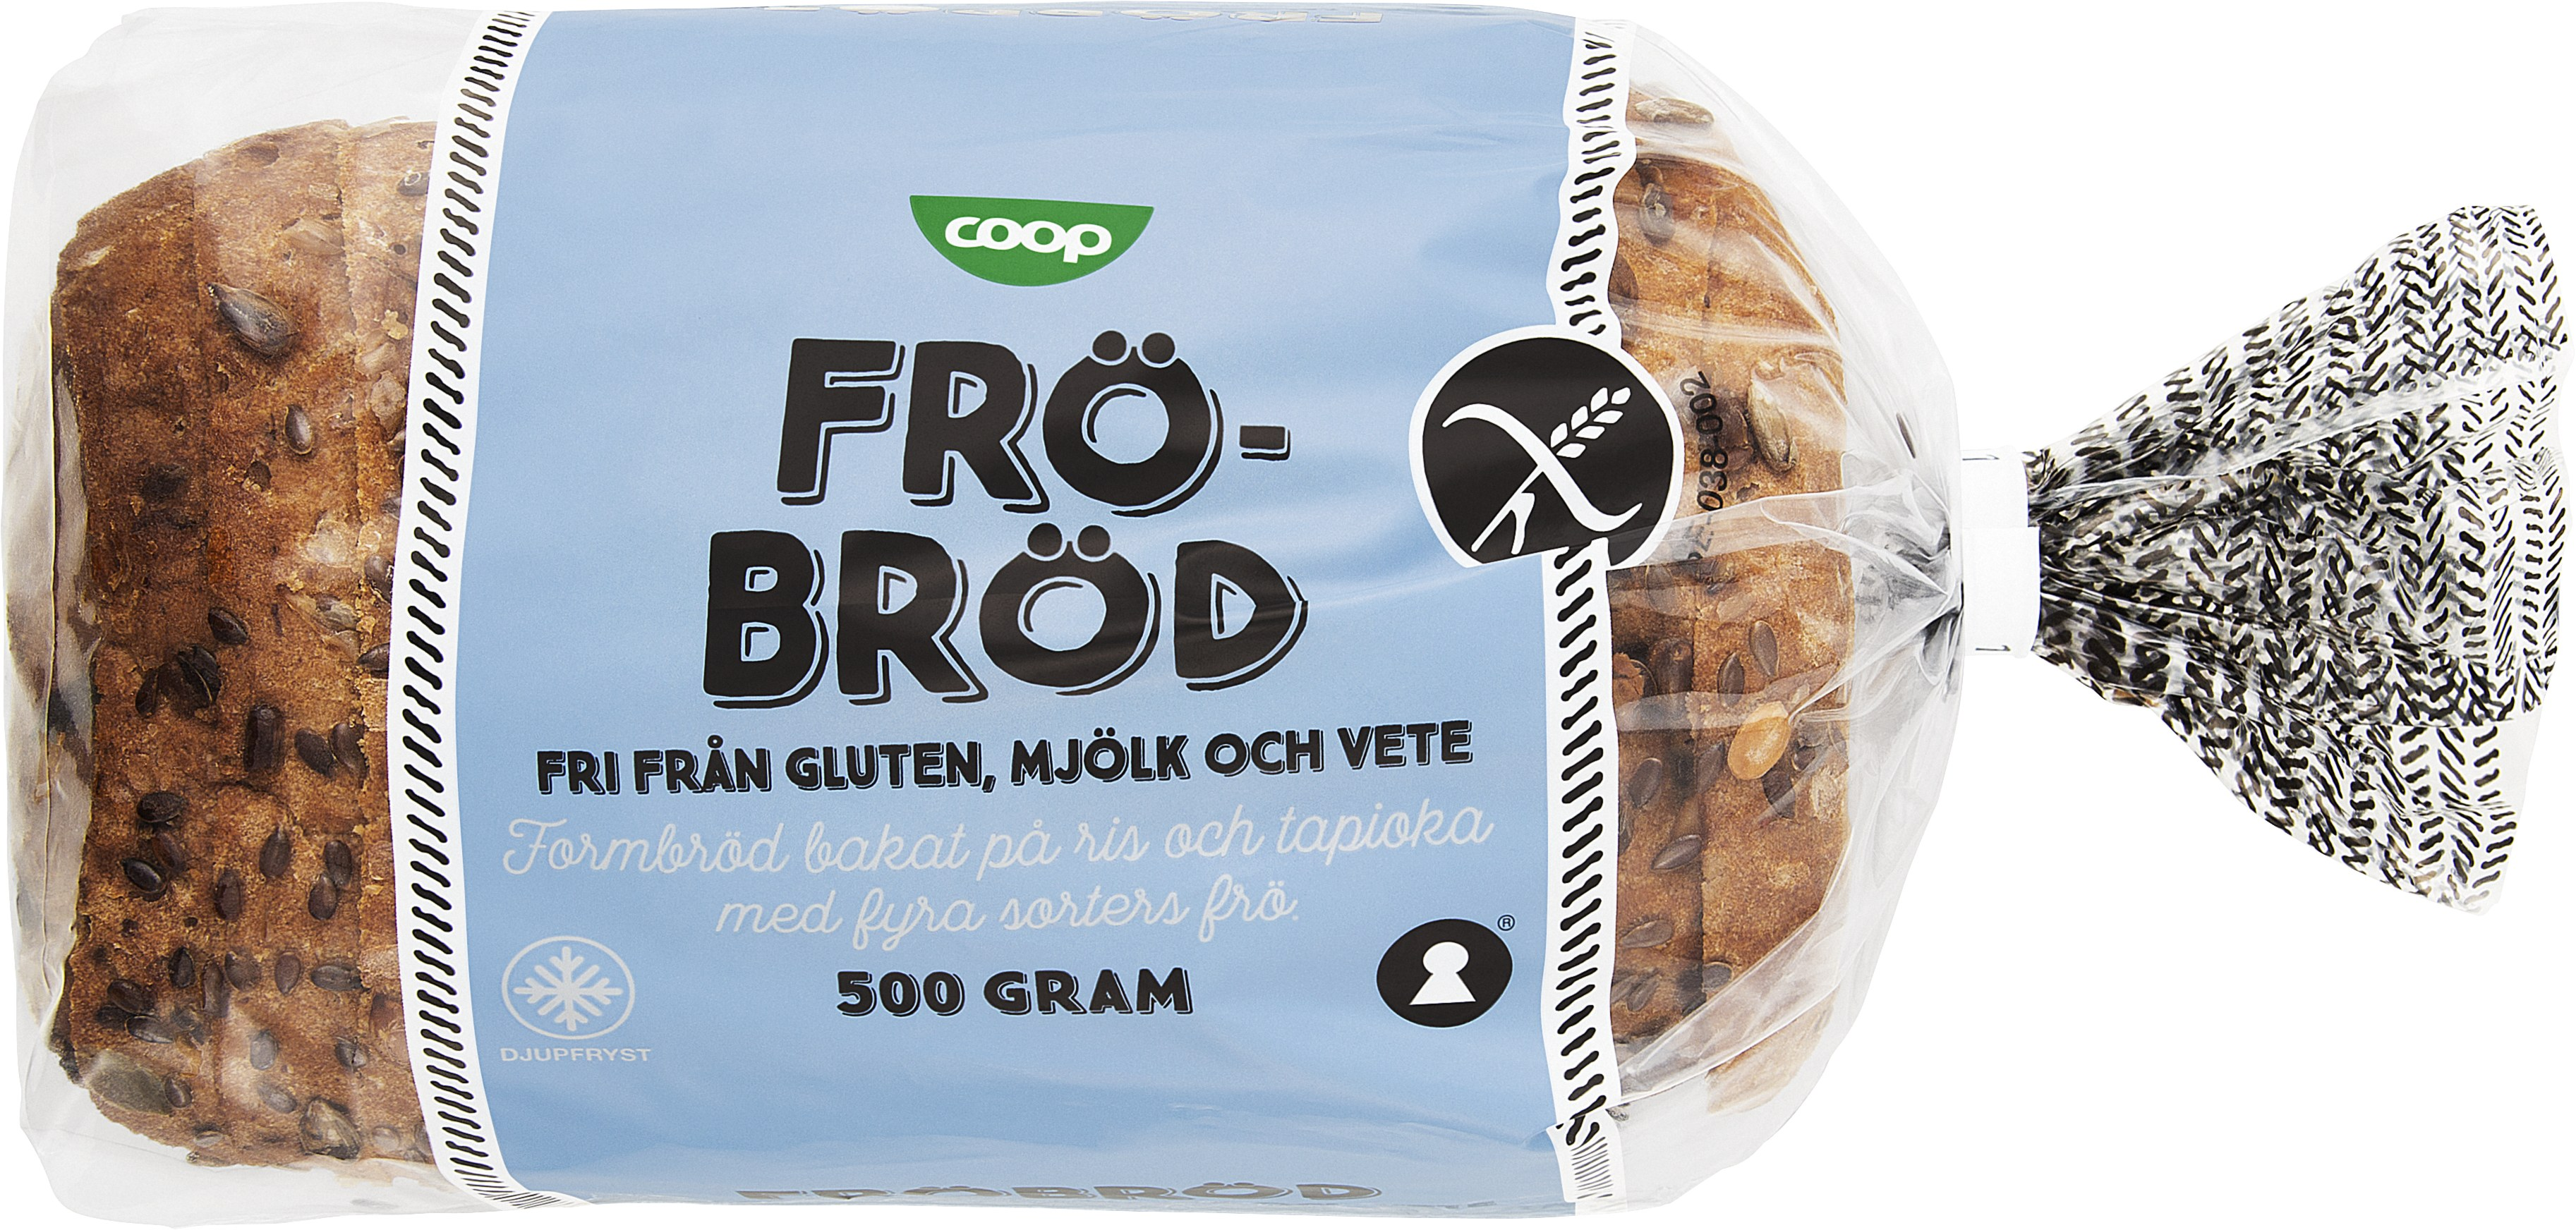 glutenfritt bröd köpa